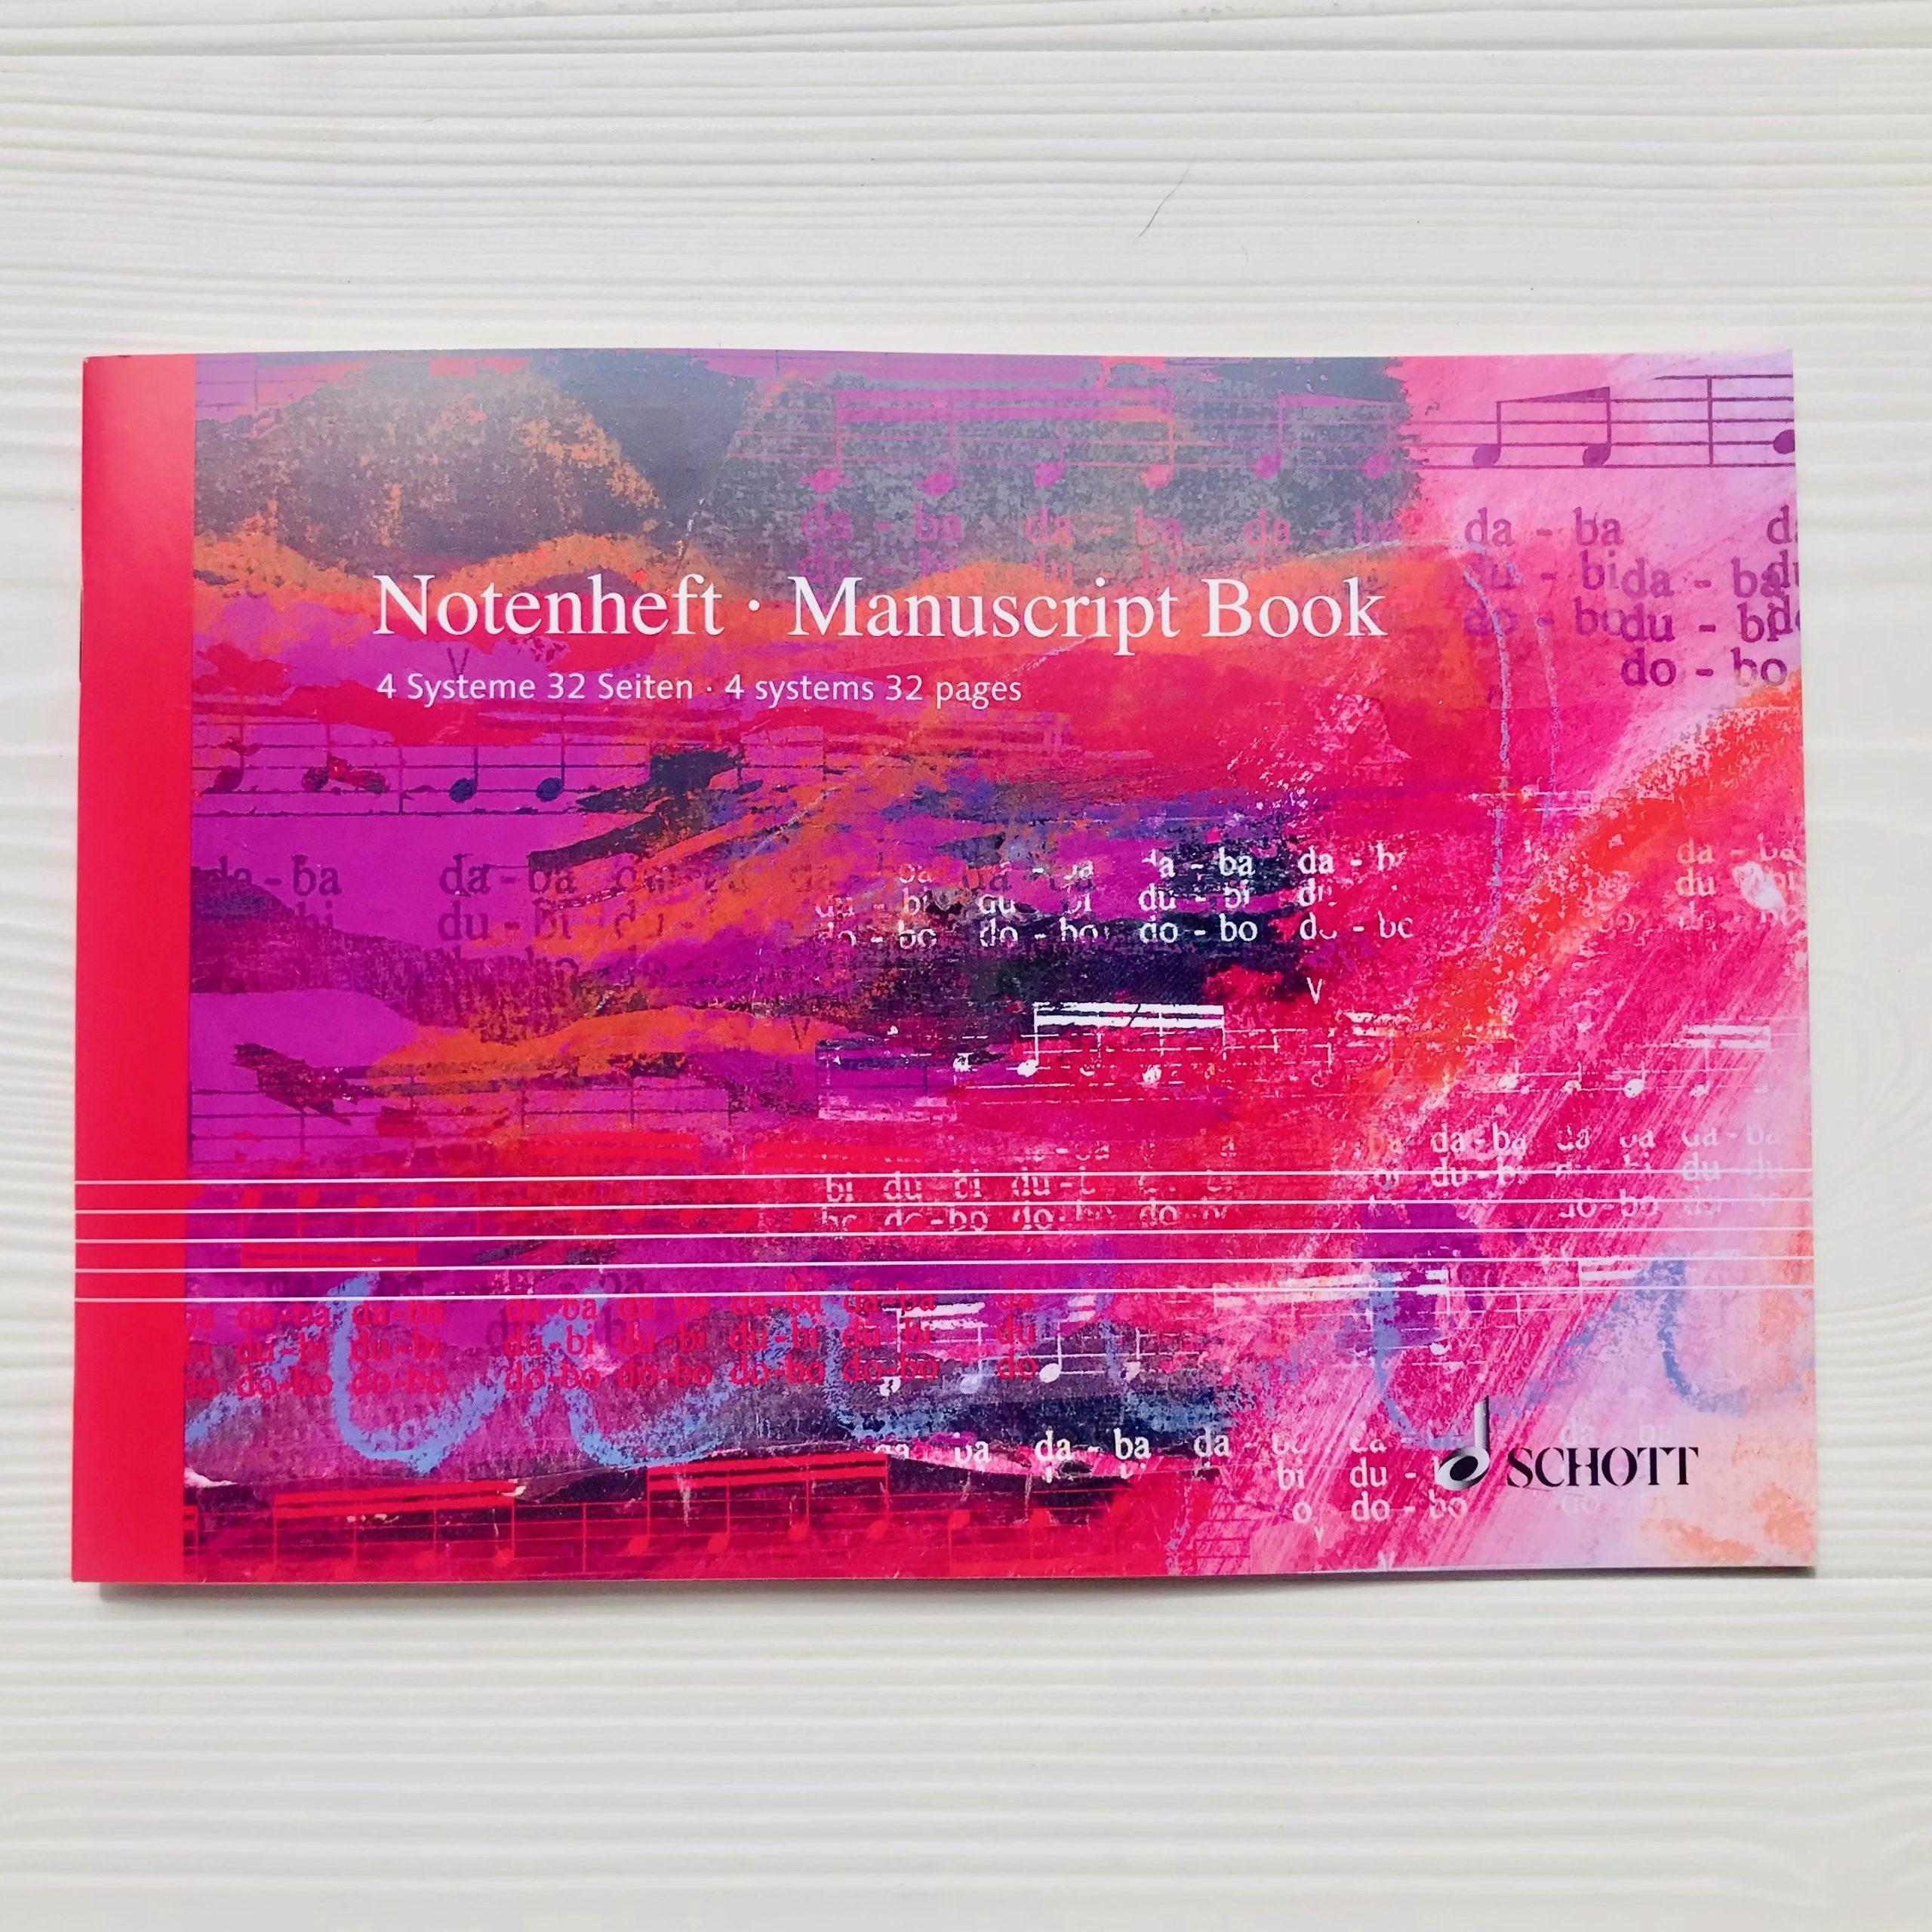 cahier de musique Schott italien 4 portées